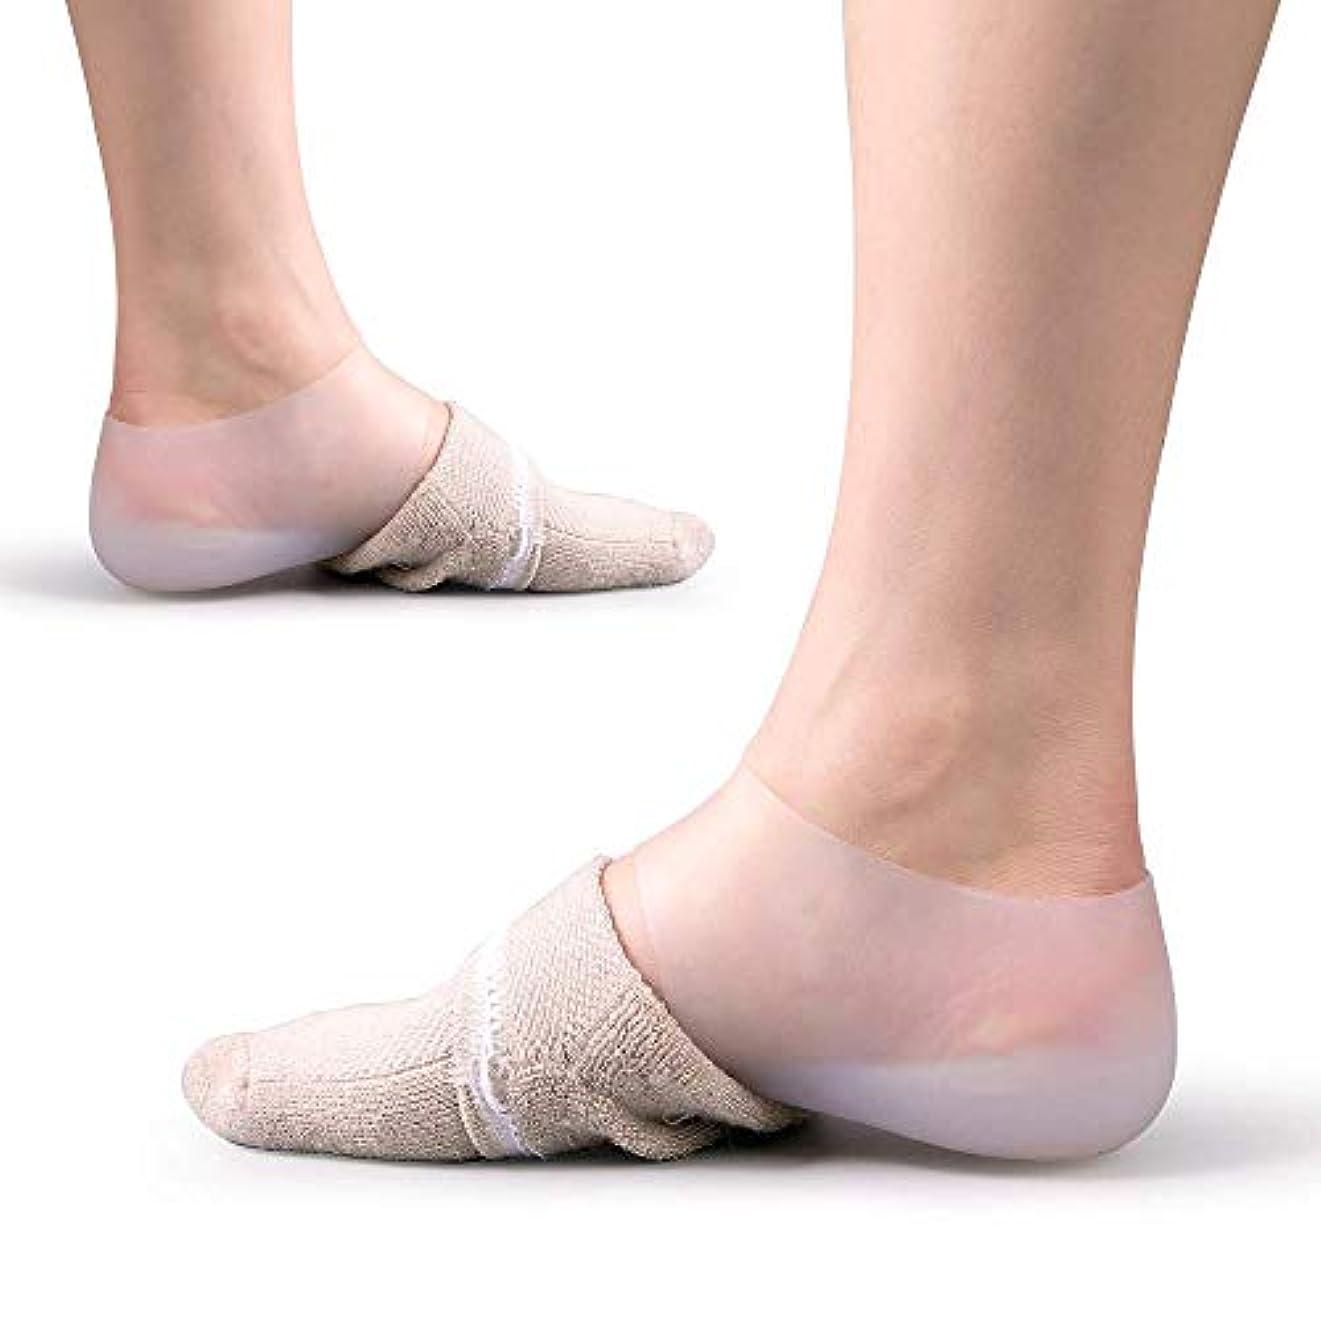 少ない議論する損傷一足分 左右セット シークレット インソール 身長 インソール 身長アップ サイズ 2.3~2.5cm シリコン 中敷き 秘密 身長UP かかと クッション 衝撃吸収 足底筋膜炎 メンズ レディス 美脚